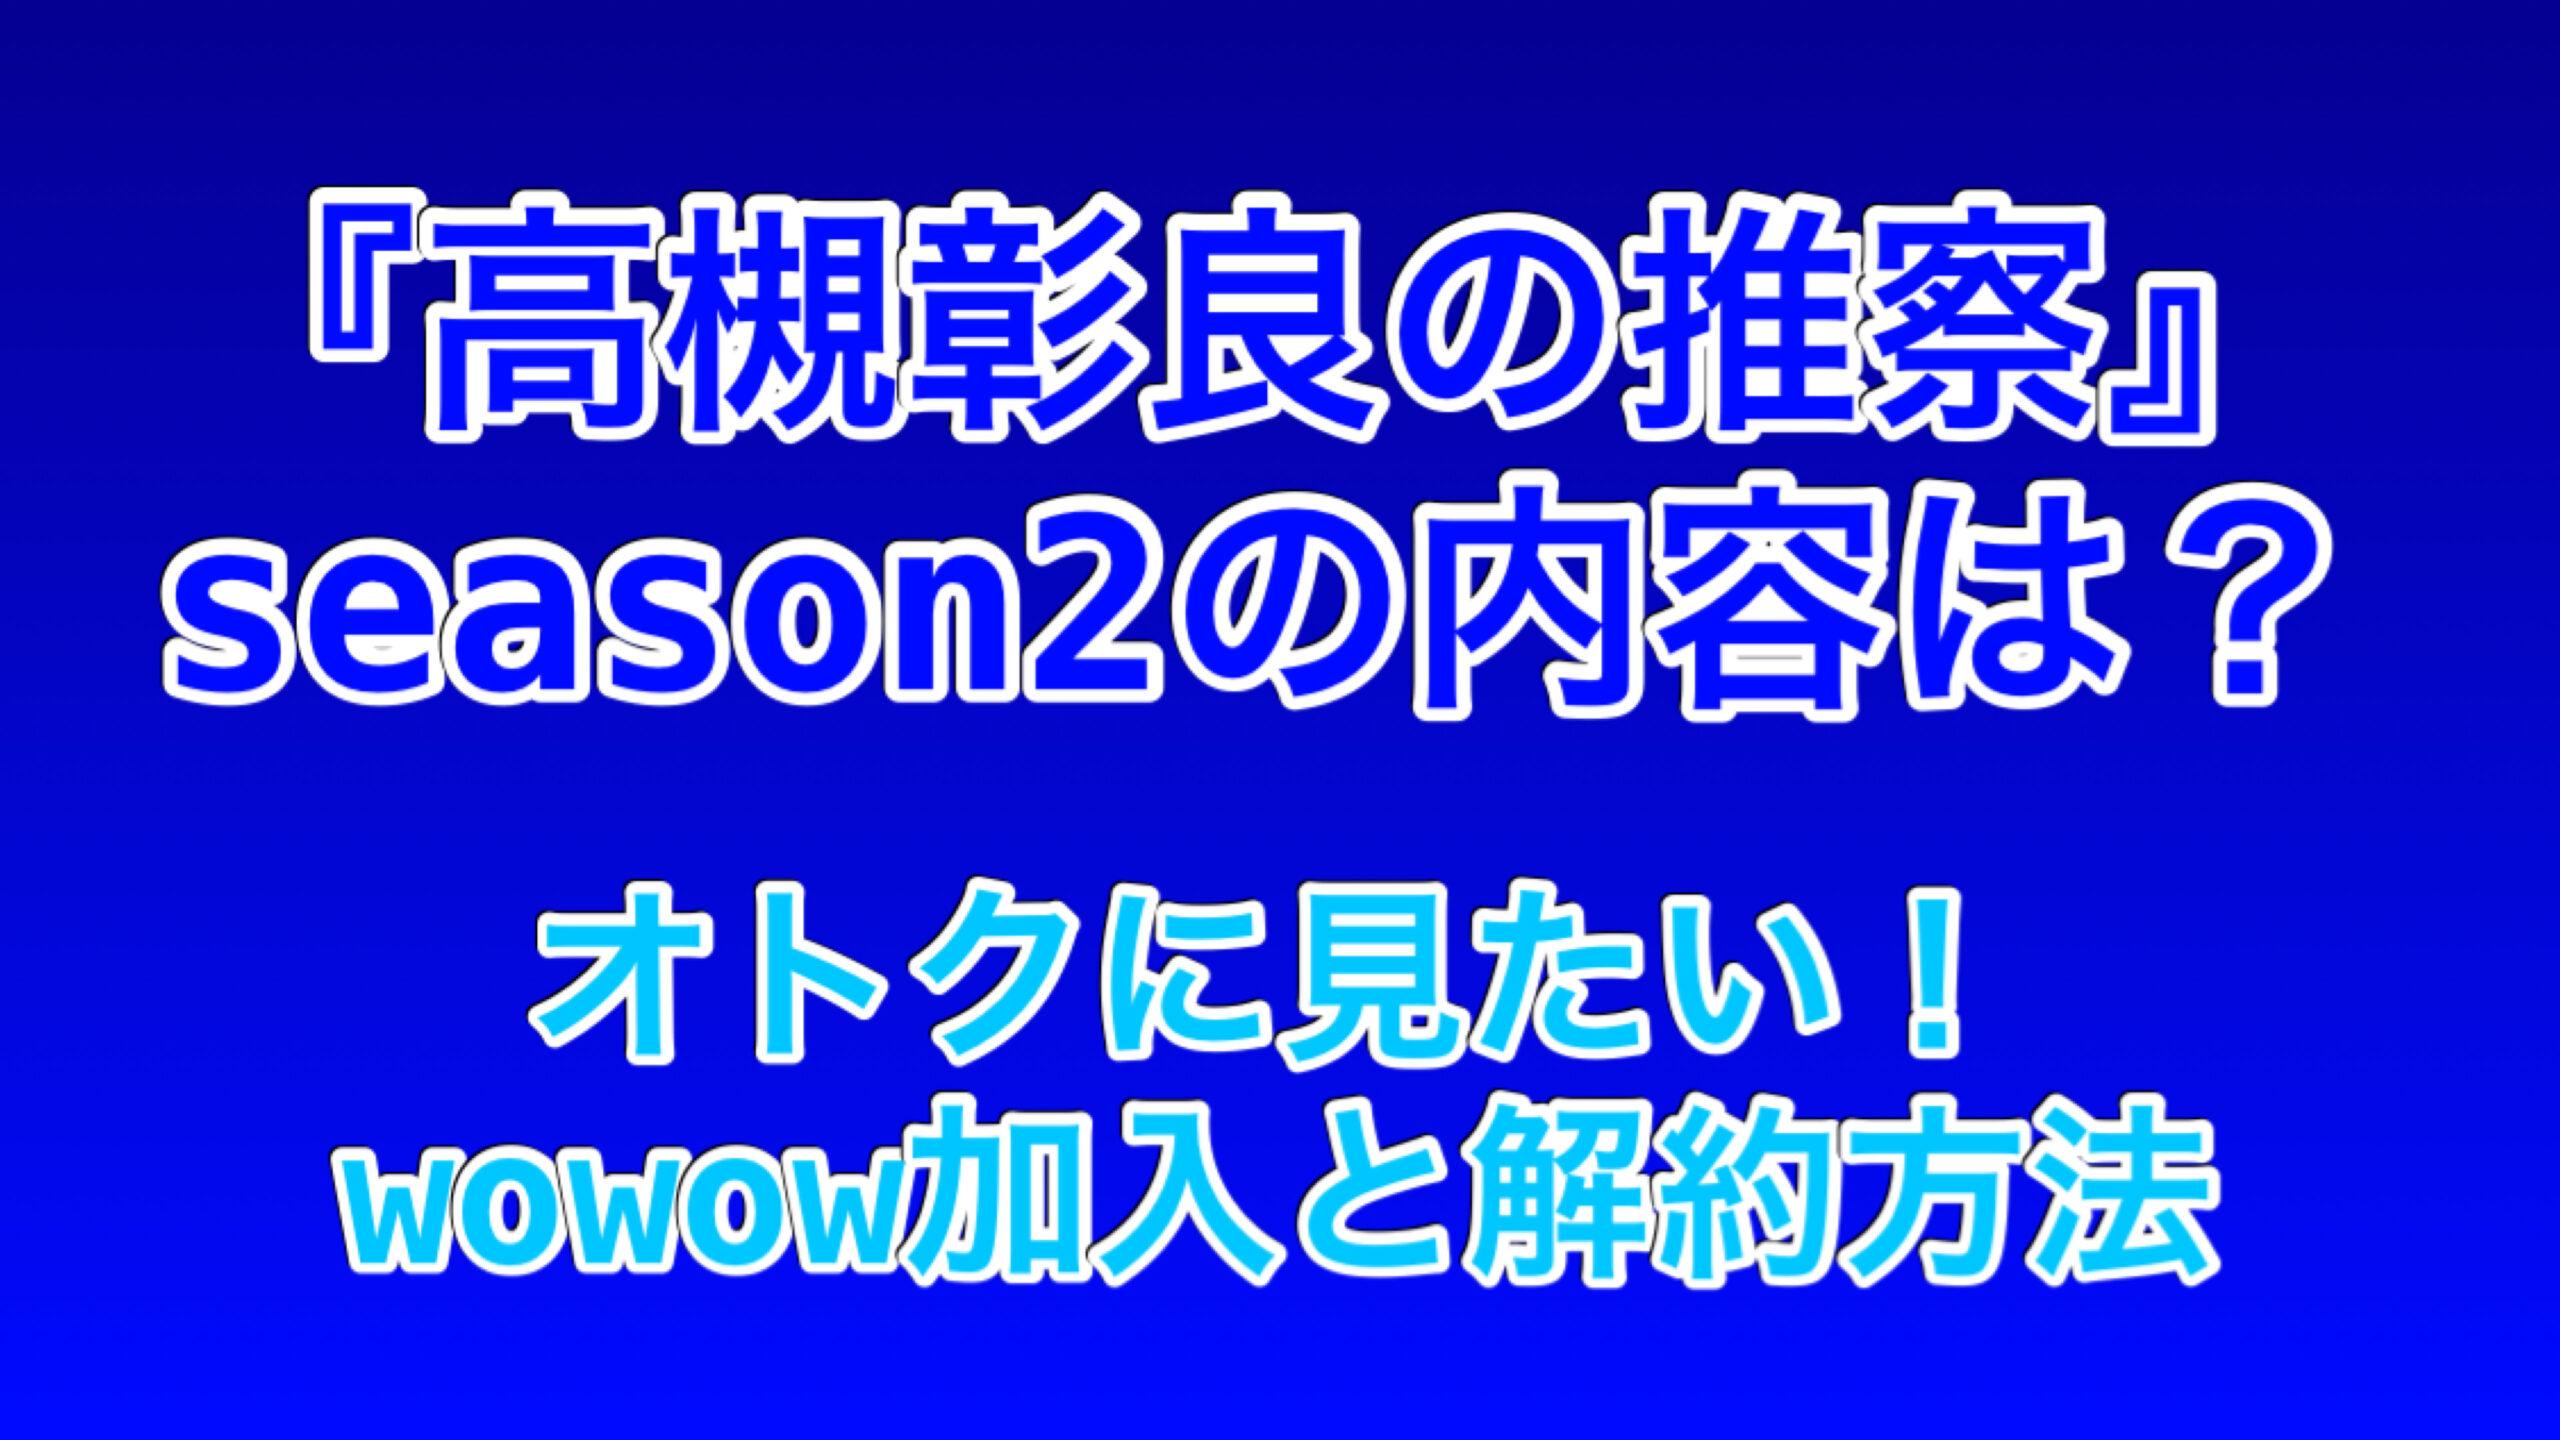 高槻彰良 season2